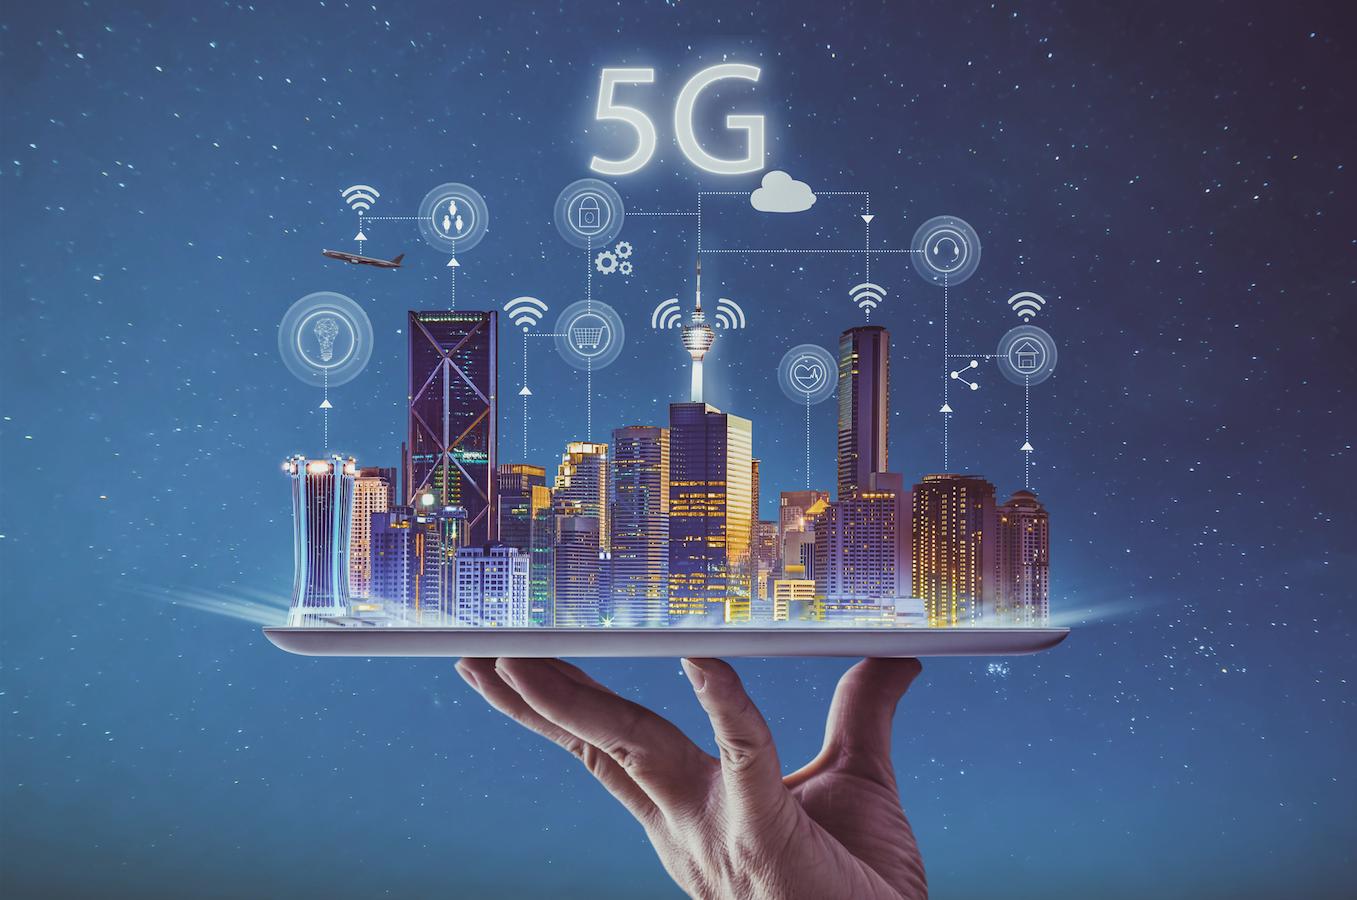 Appunti sul 5G, sull'economia e sull'obiettività della scienza